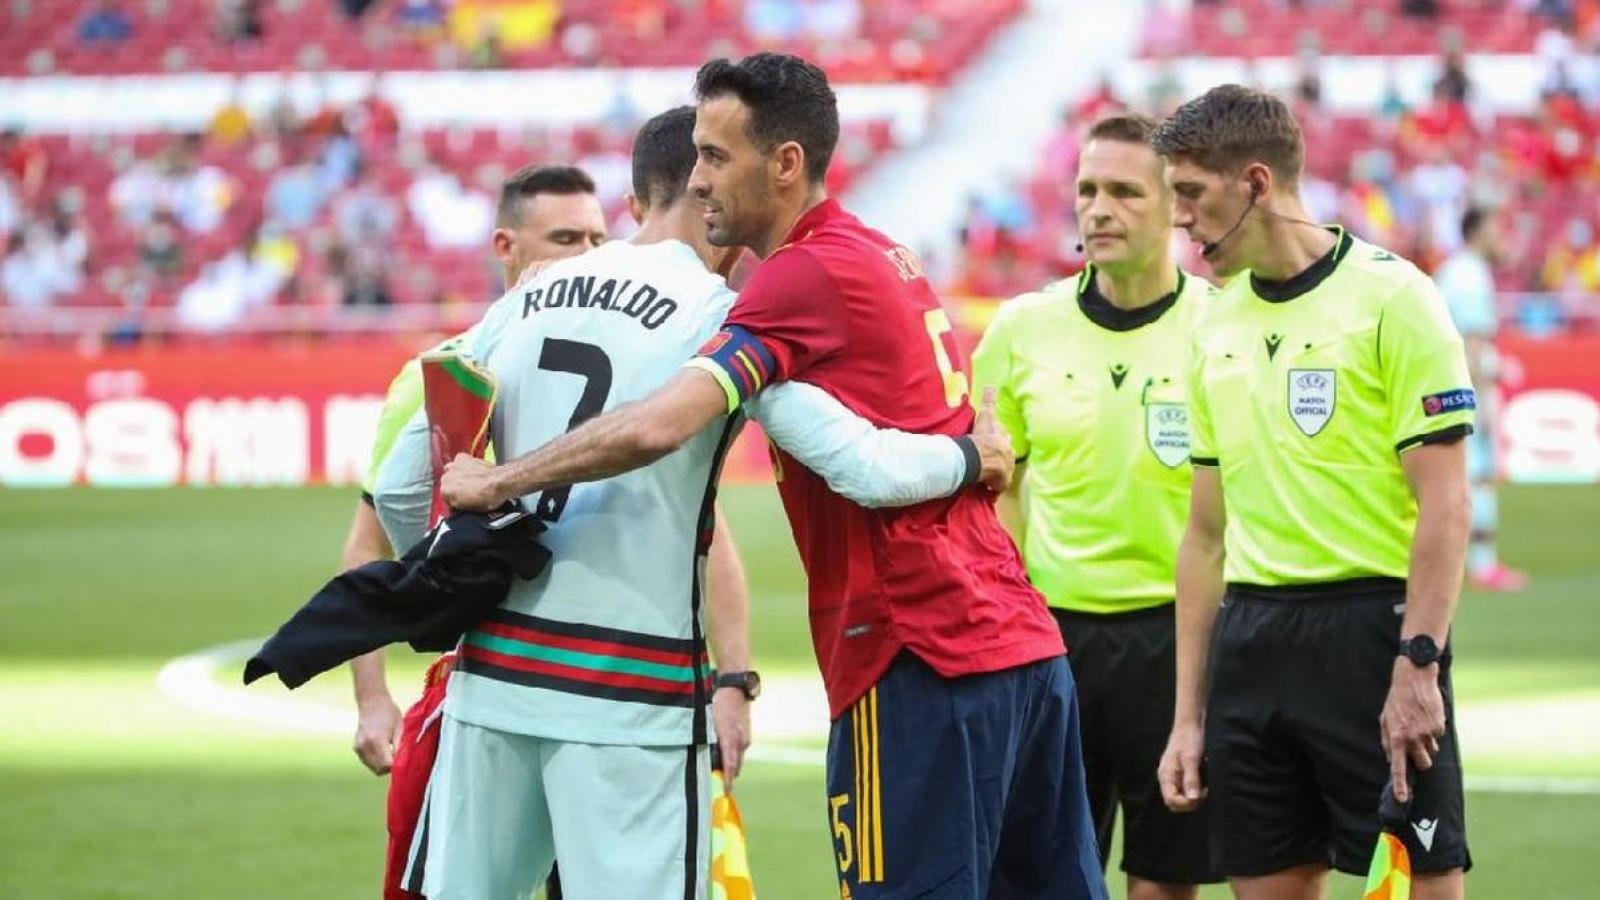 Ronaldo và đồng đội xét nghiệm Covid-19 sau khi đối đầu với Busquets